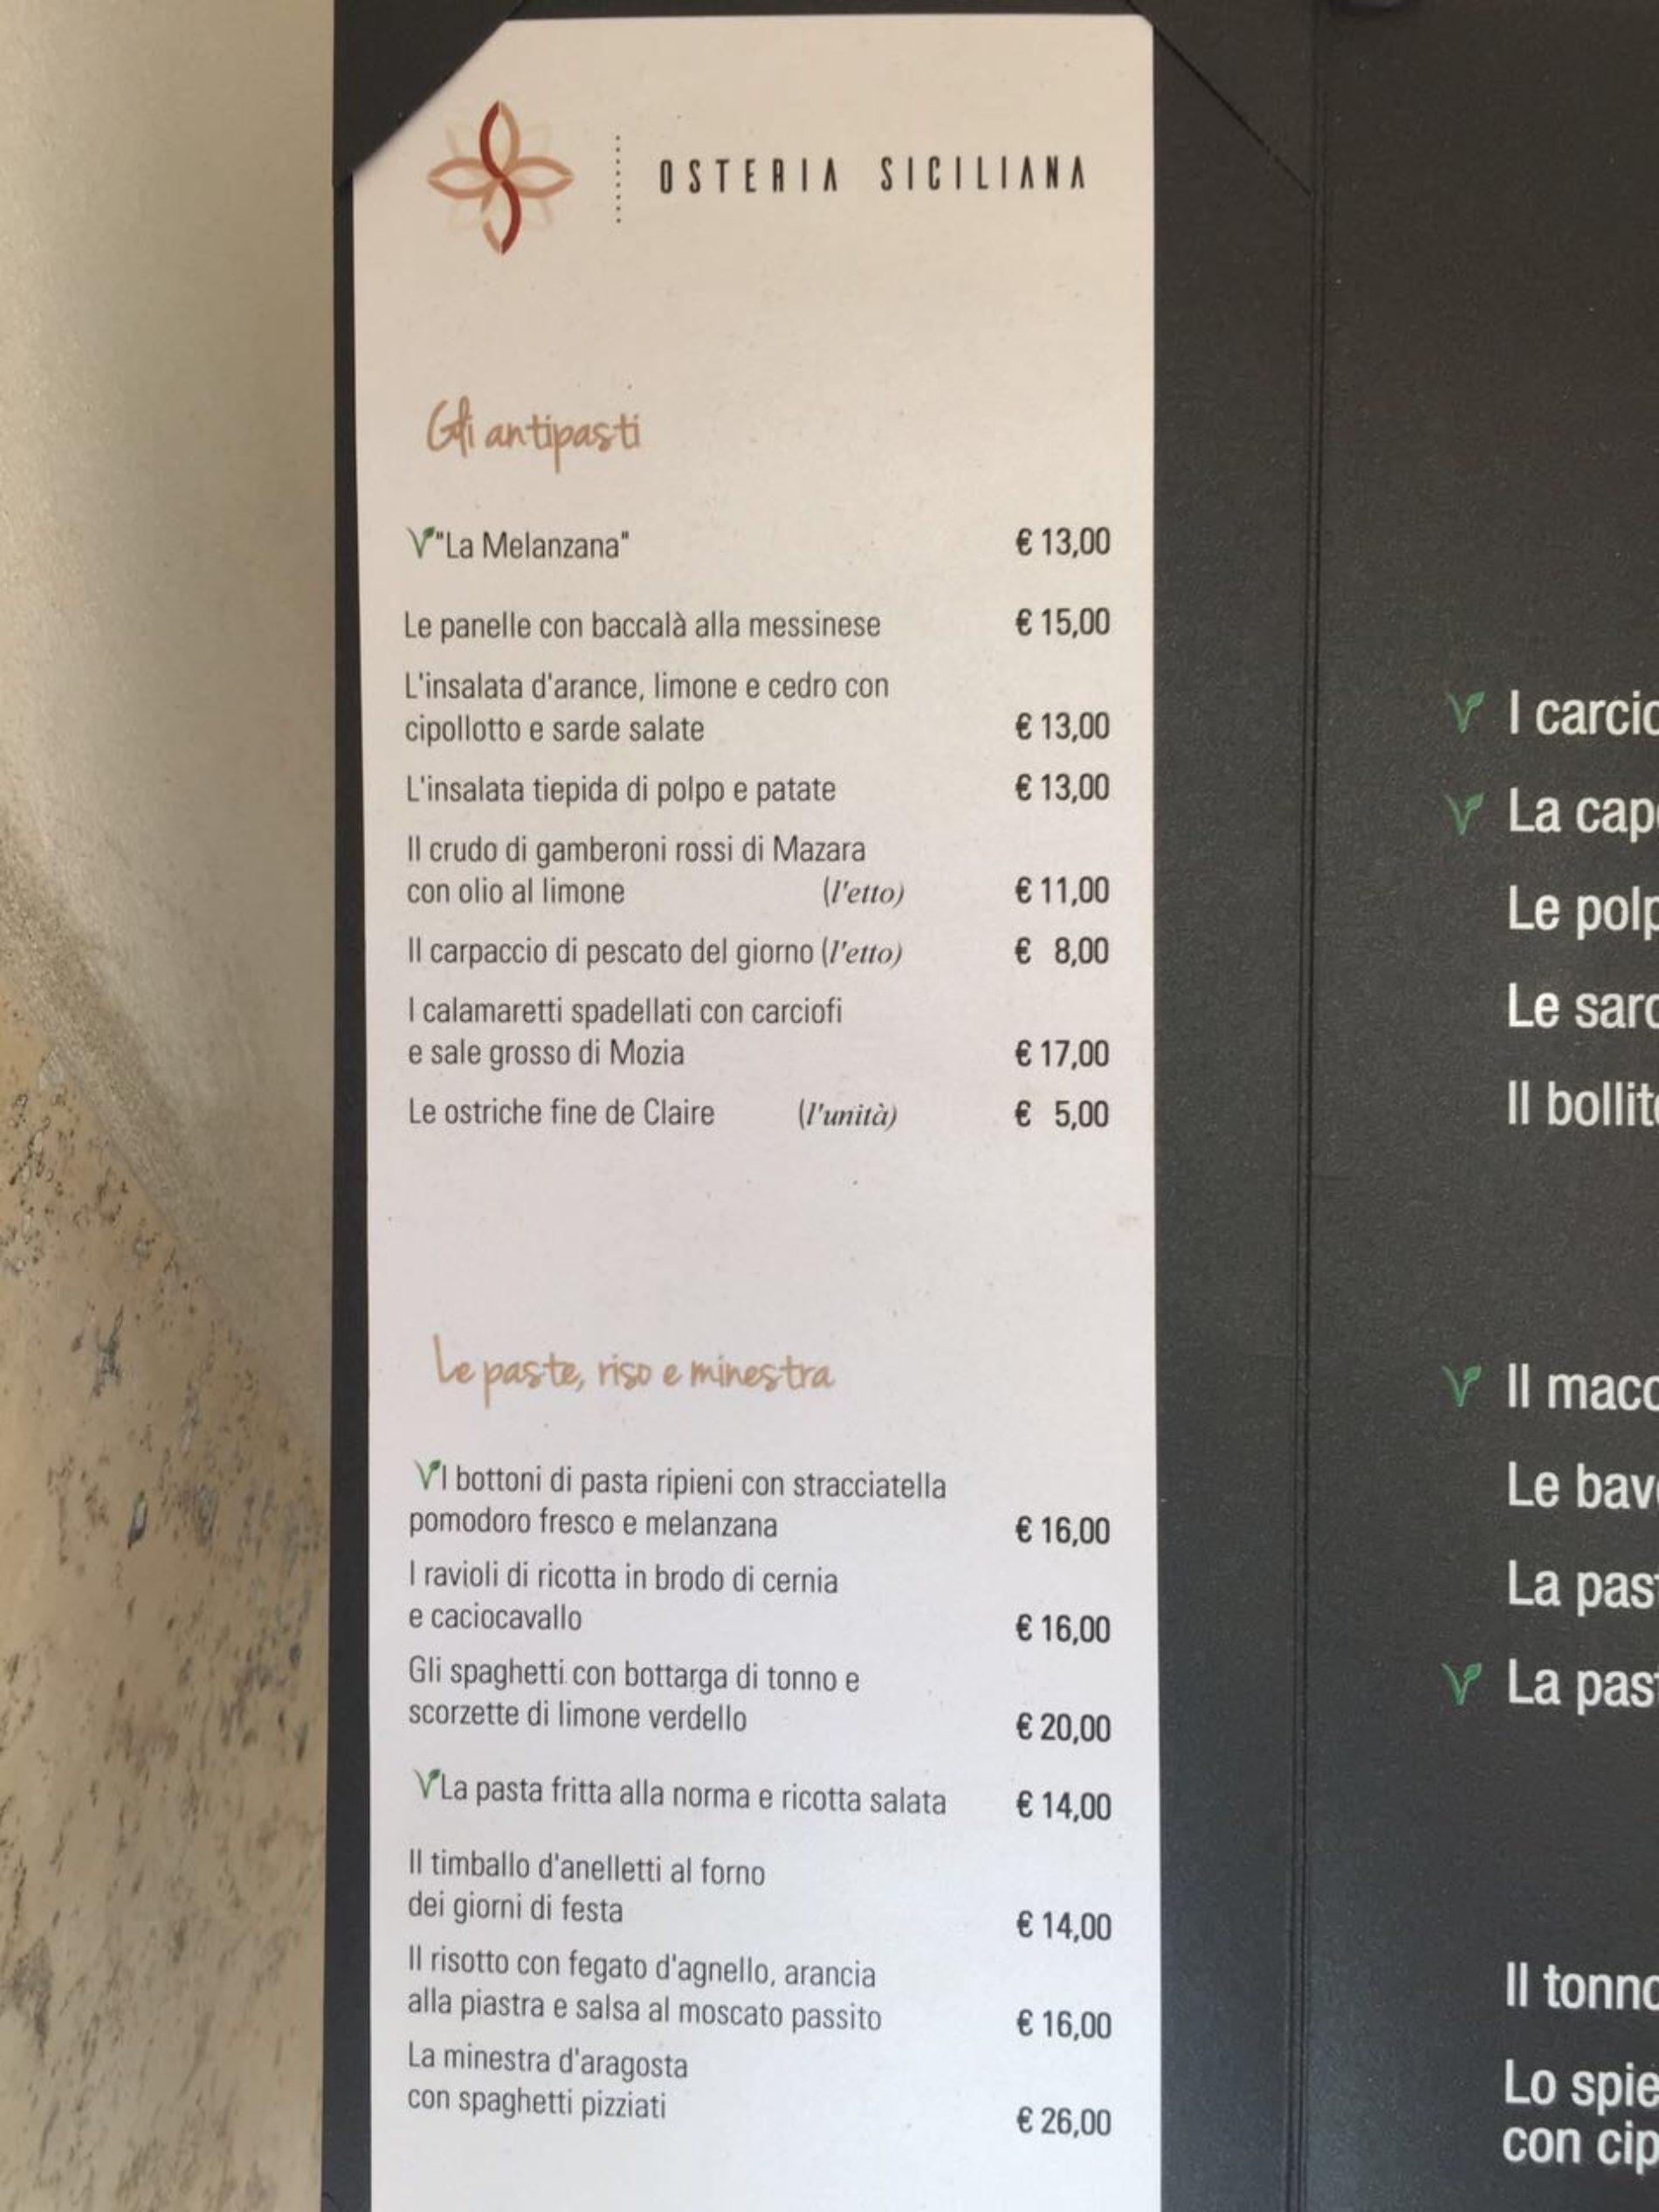 Osteria Siciliana Roma Menu E Prezzi Del Ristorante Di Nino